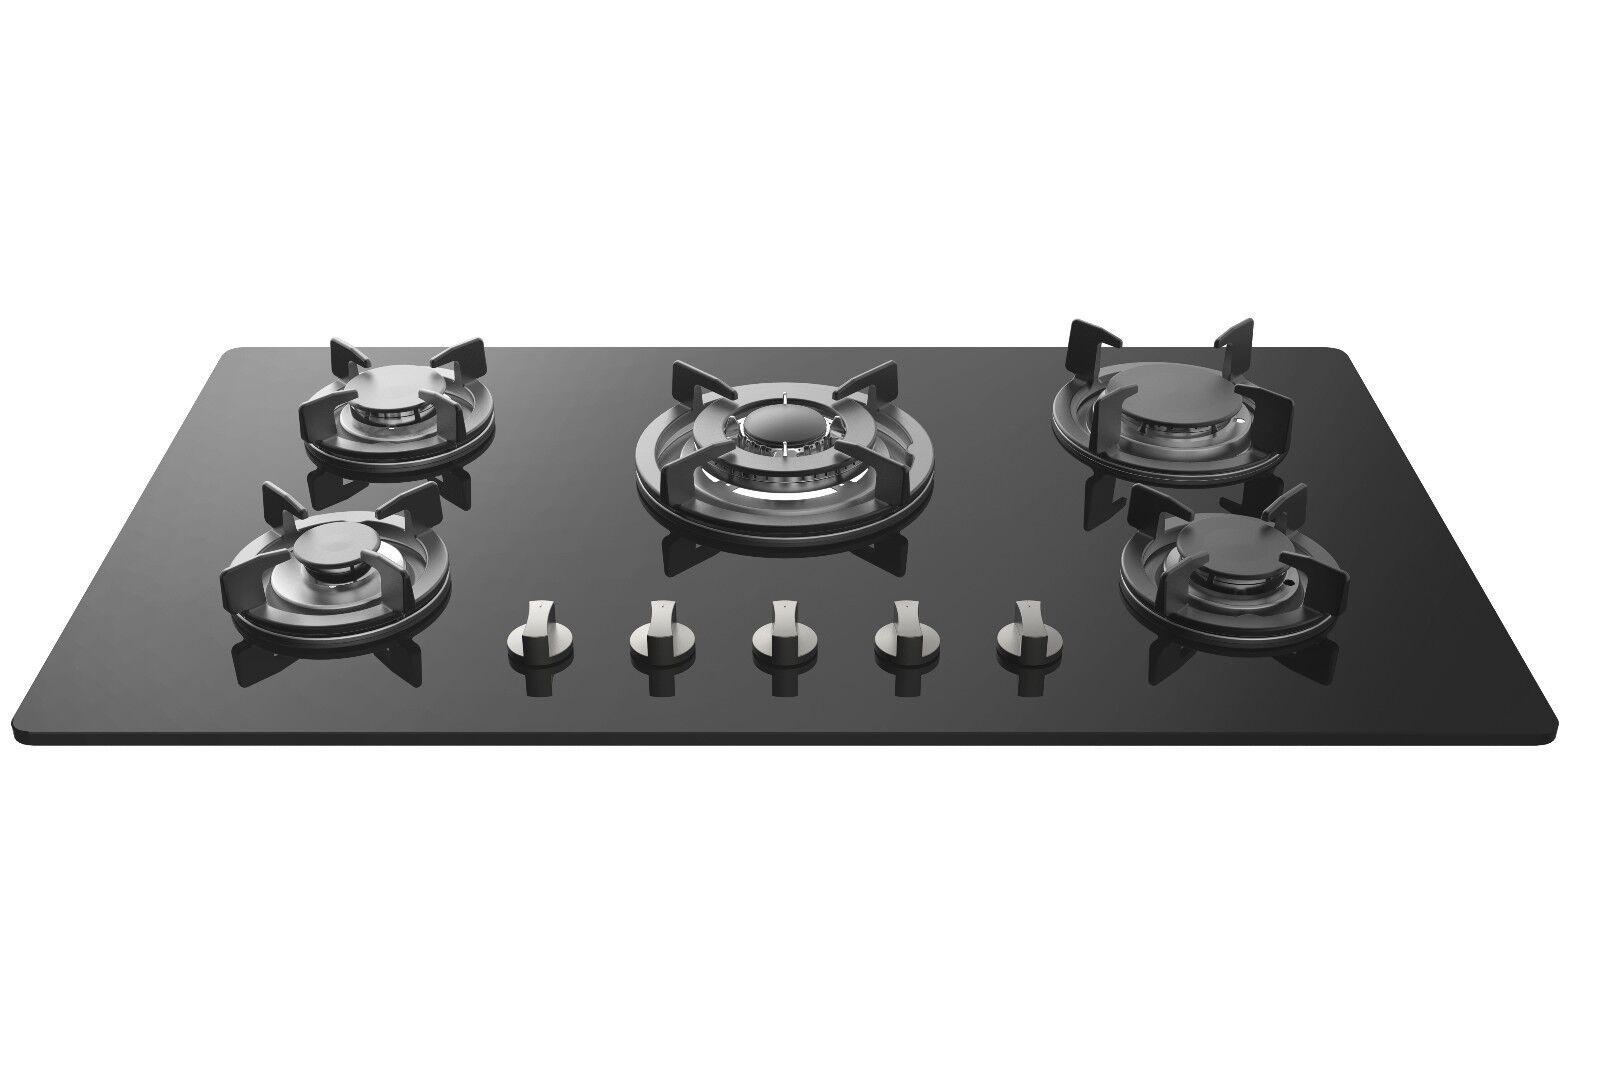 empava 34 tempered glass built in 5 burners gas cooktop gas stove hob ebay. Black Bedroom Furniture Sets. Home Design Ideas